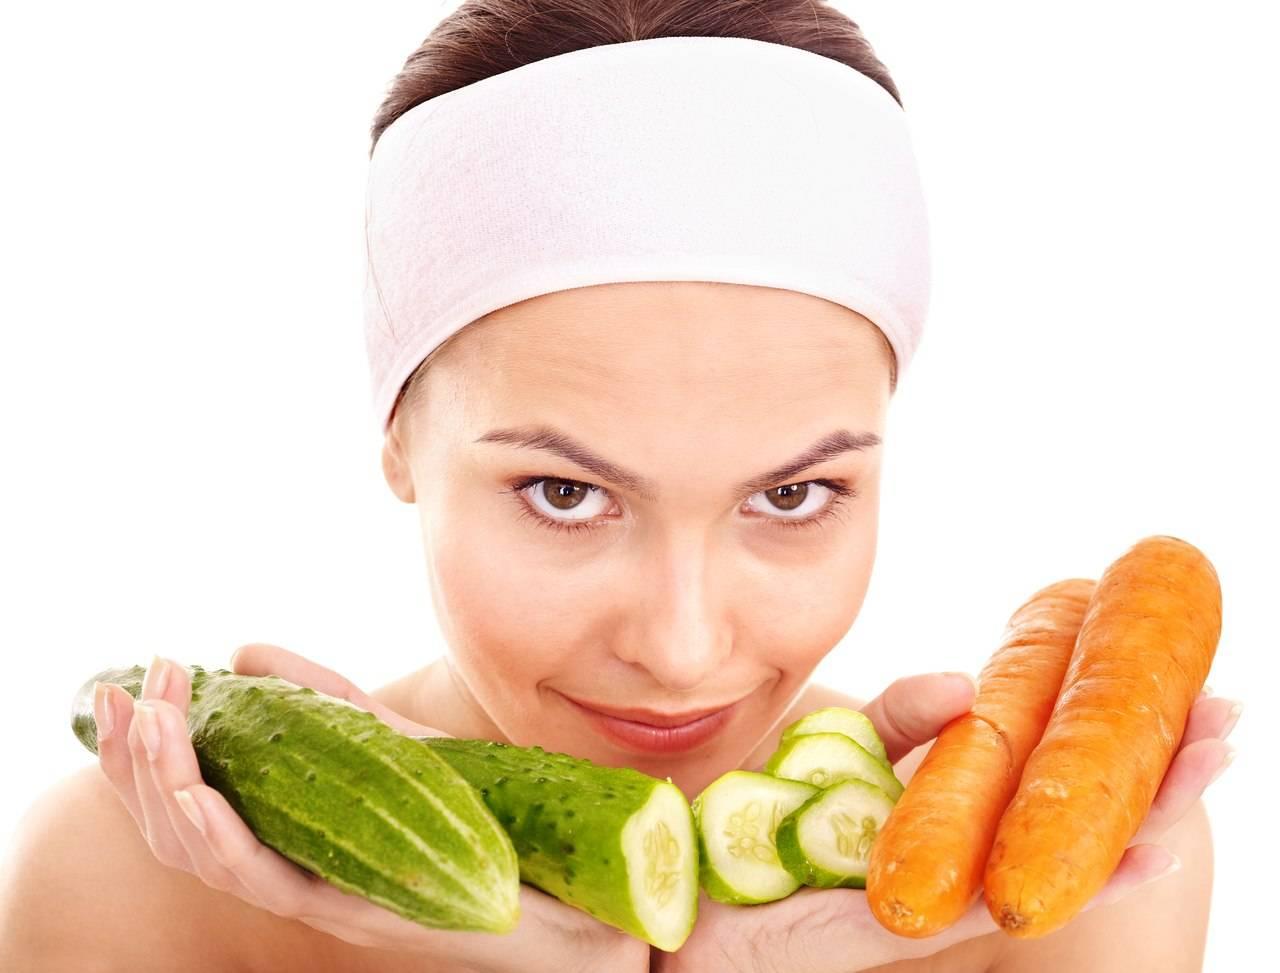 Экспертное мнение: как продукты влияют на нашу кожу